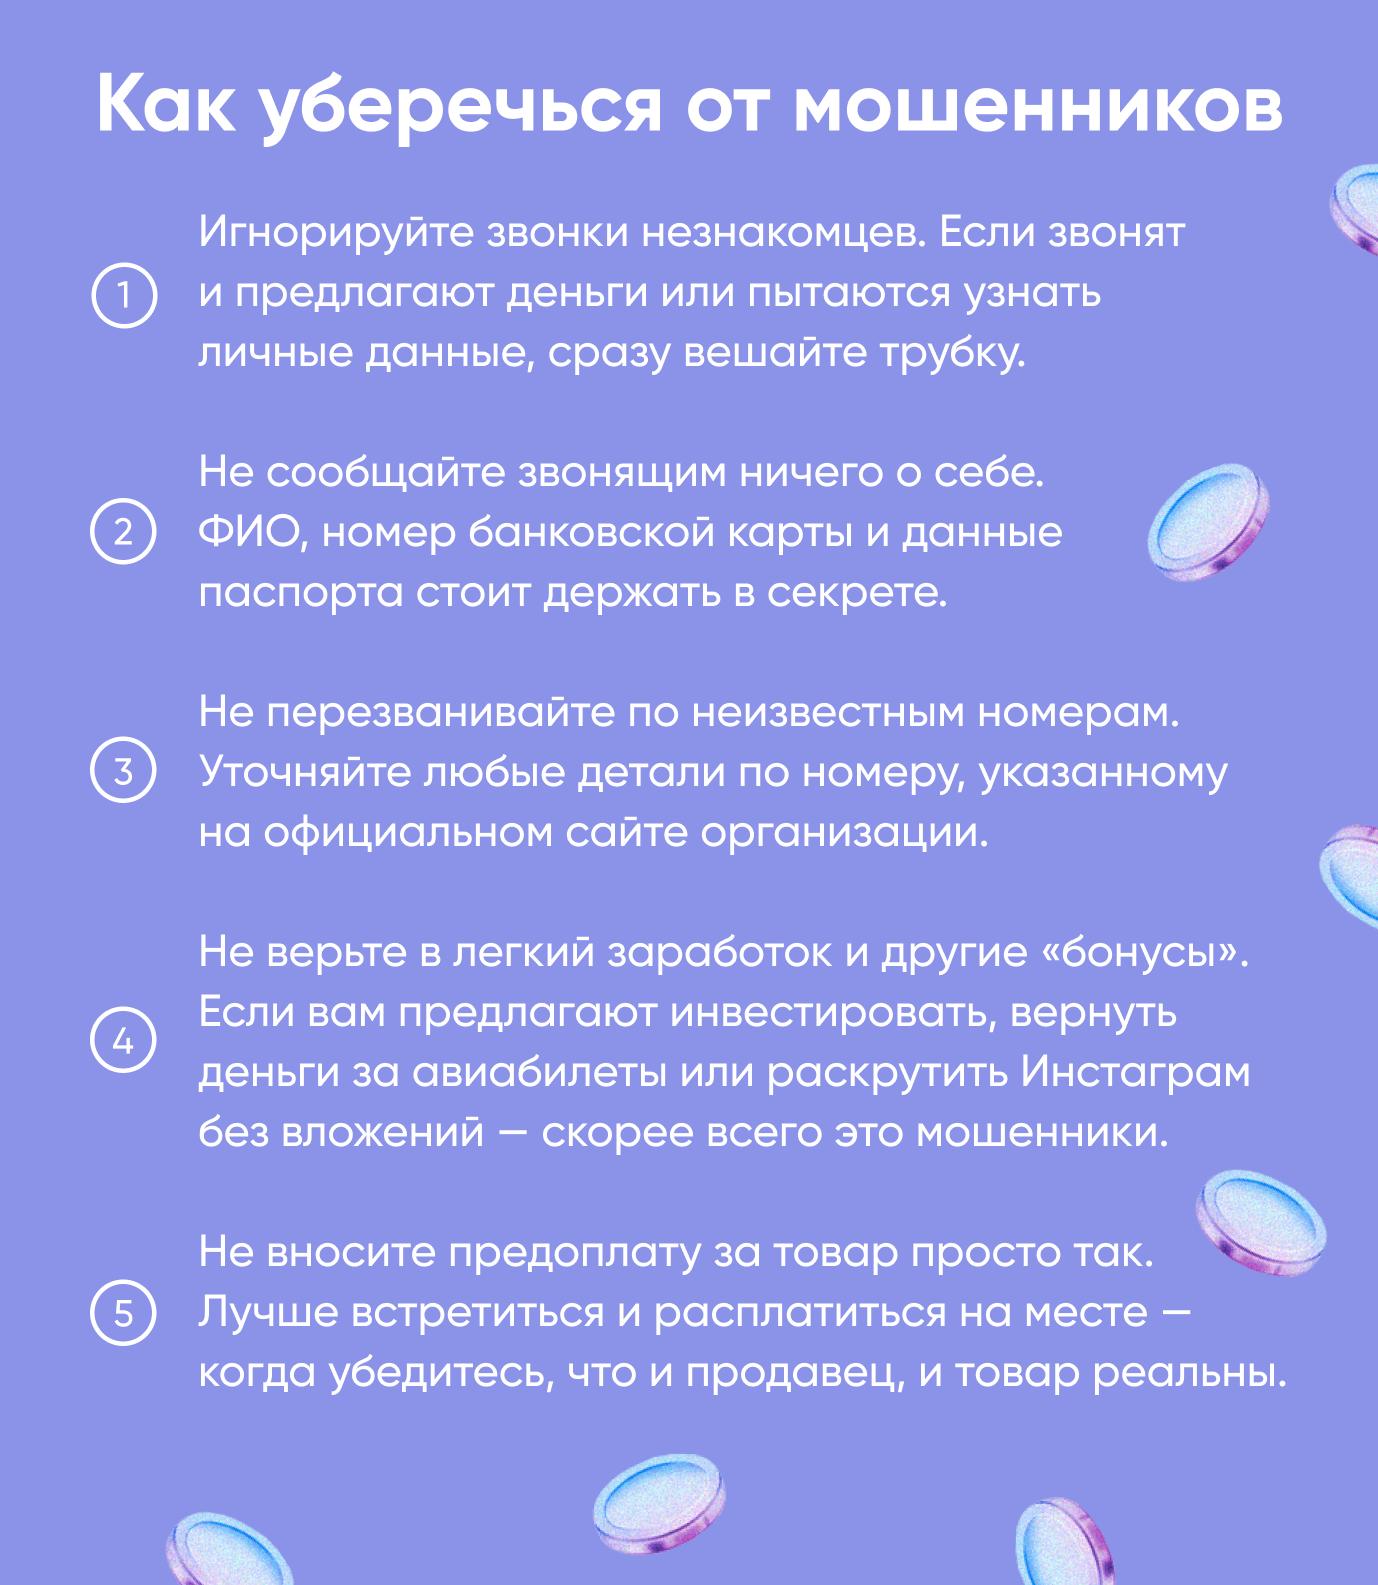 Мошенники-сценарии.png